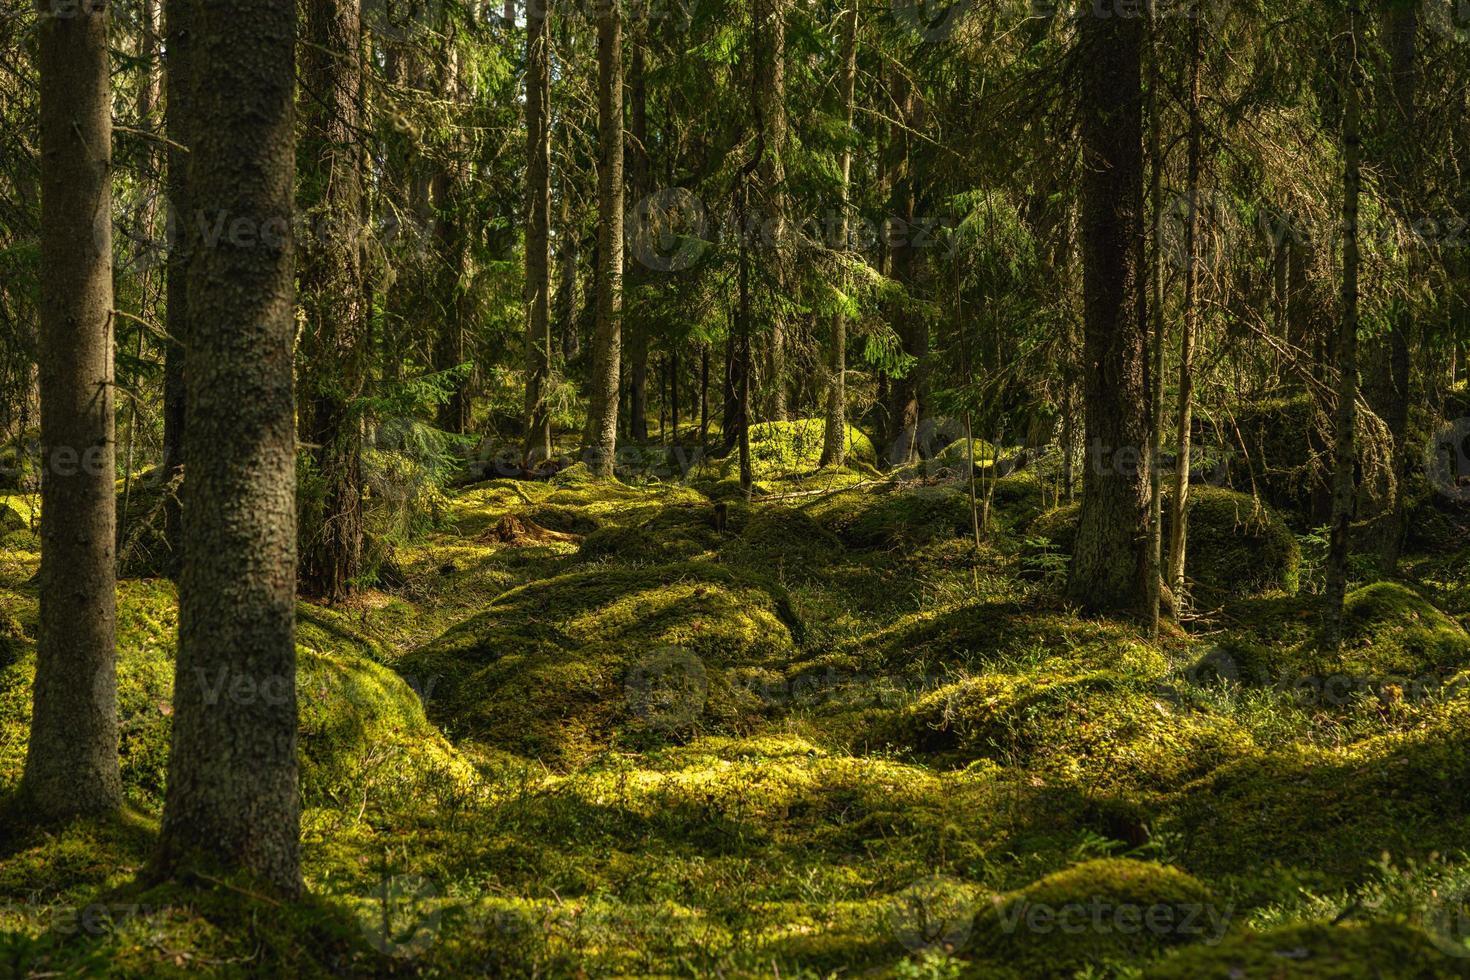 en lo profundo de un bosque salvaje en Suecia foto